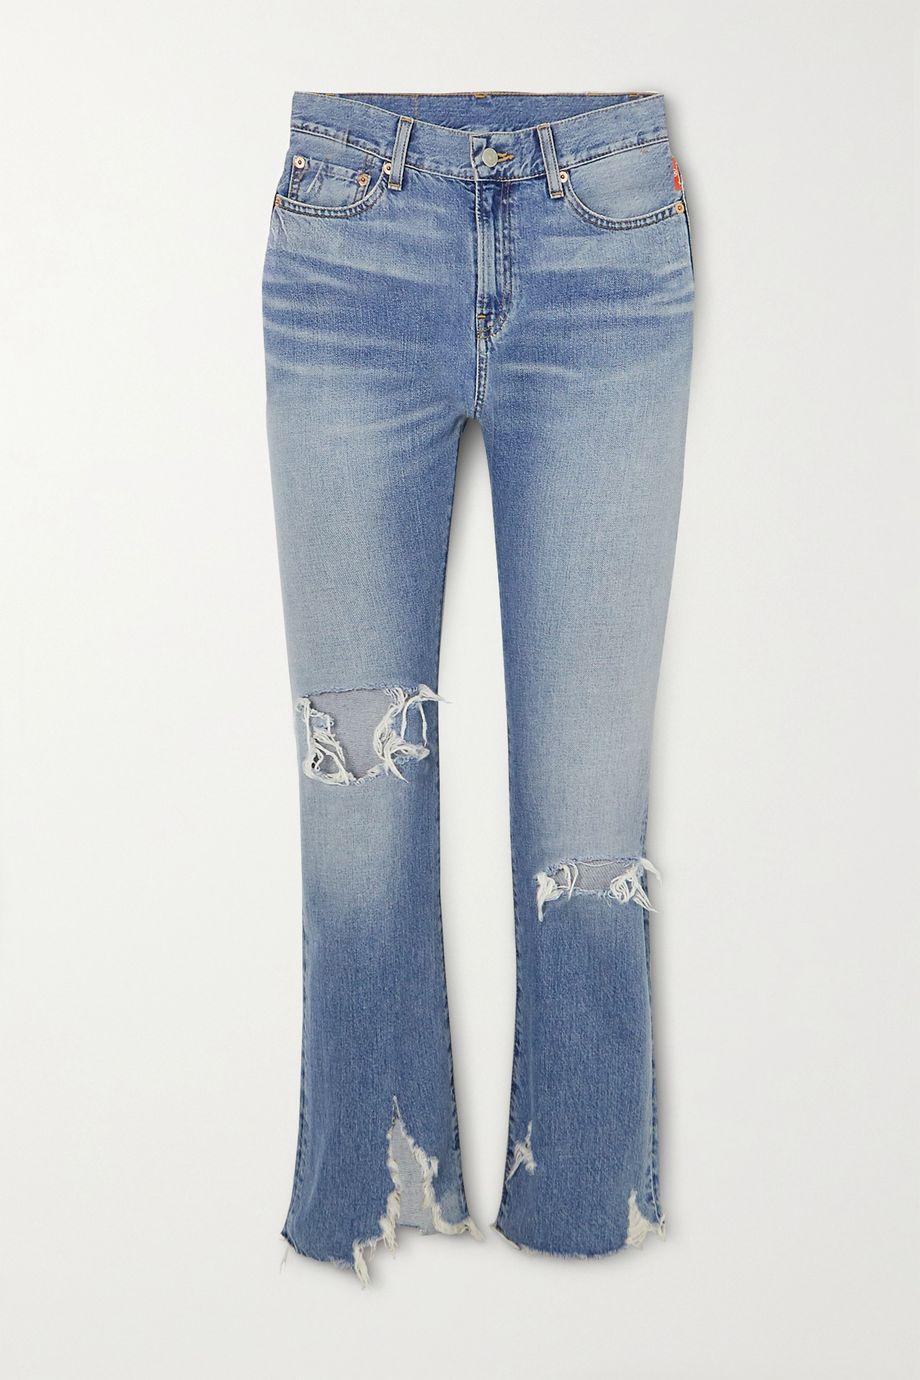 Denimist Joni distressed mid-rise slim-leg jeans